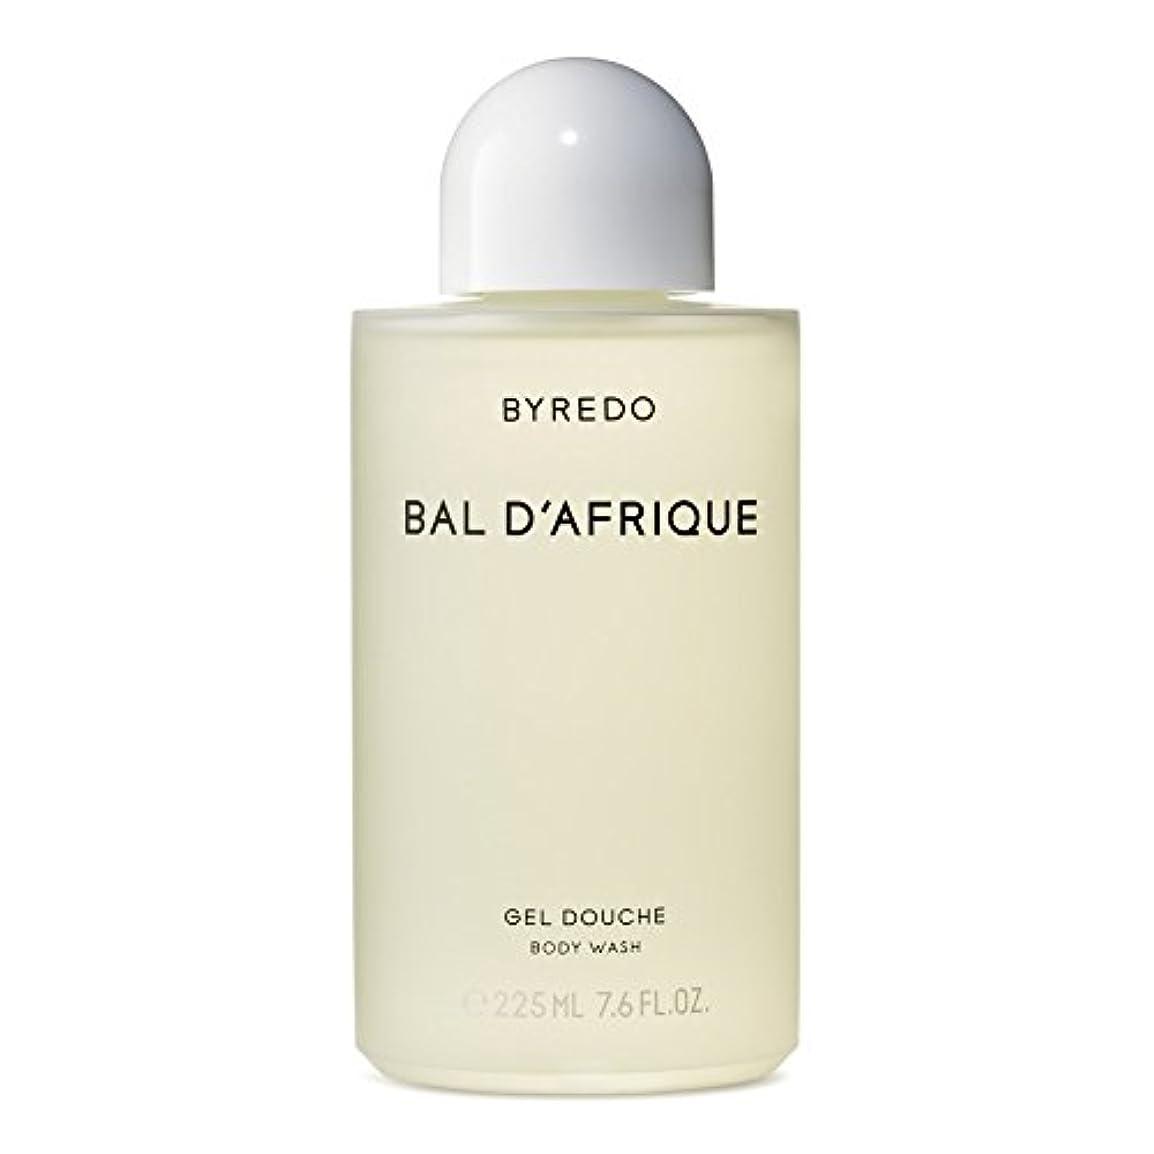 陸軍クラシック森林Byredo Bal d'Afrique Body Wash 225ml - 'のボディウォッシュ225ミリリットル [並行輸入品]